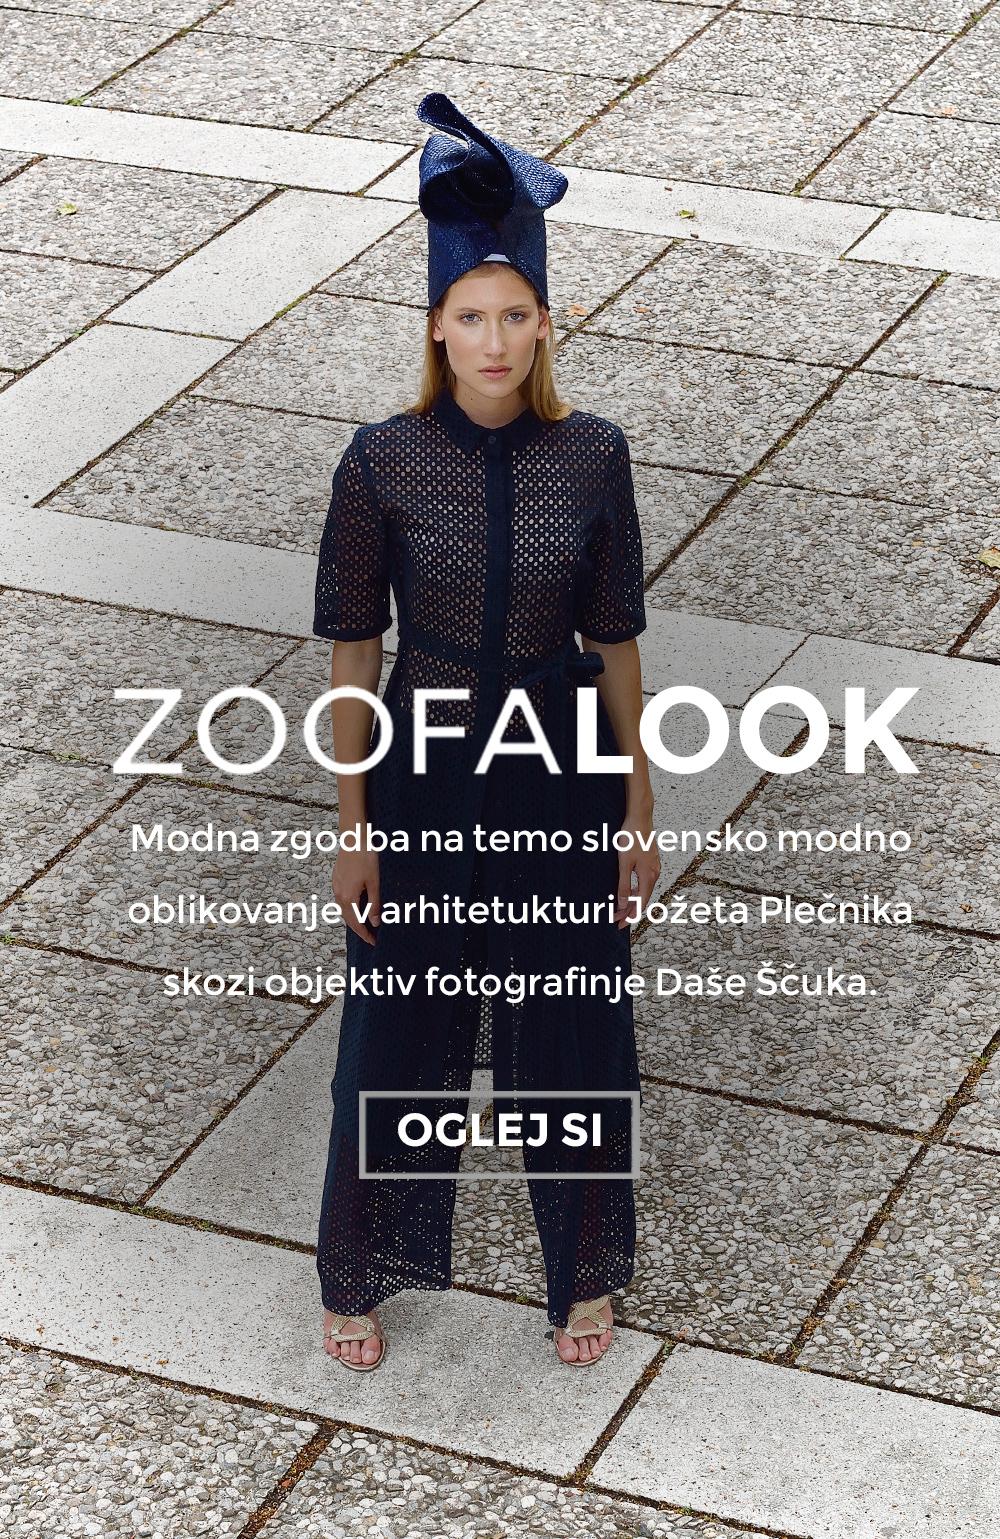 zoofalook-ds3.jpg